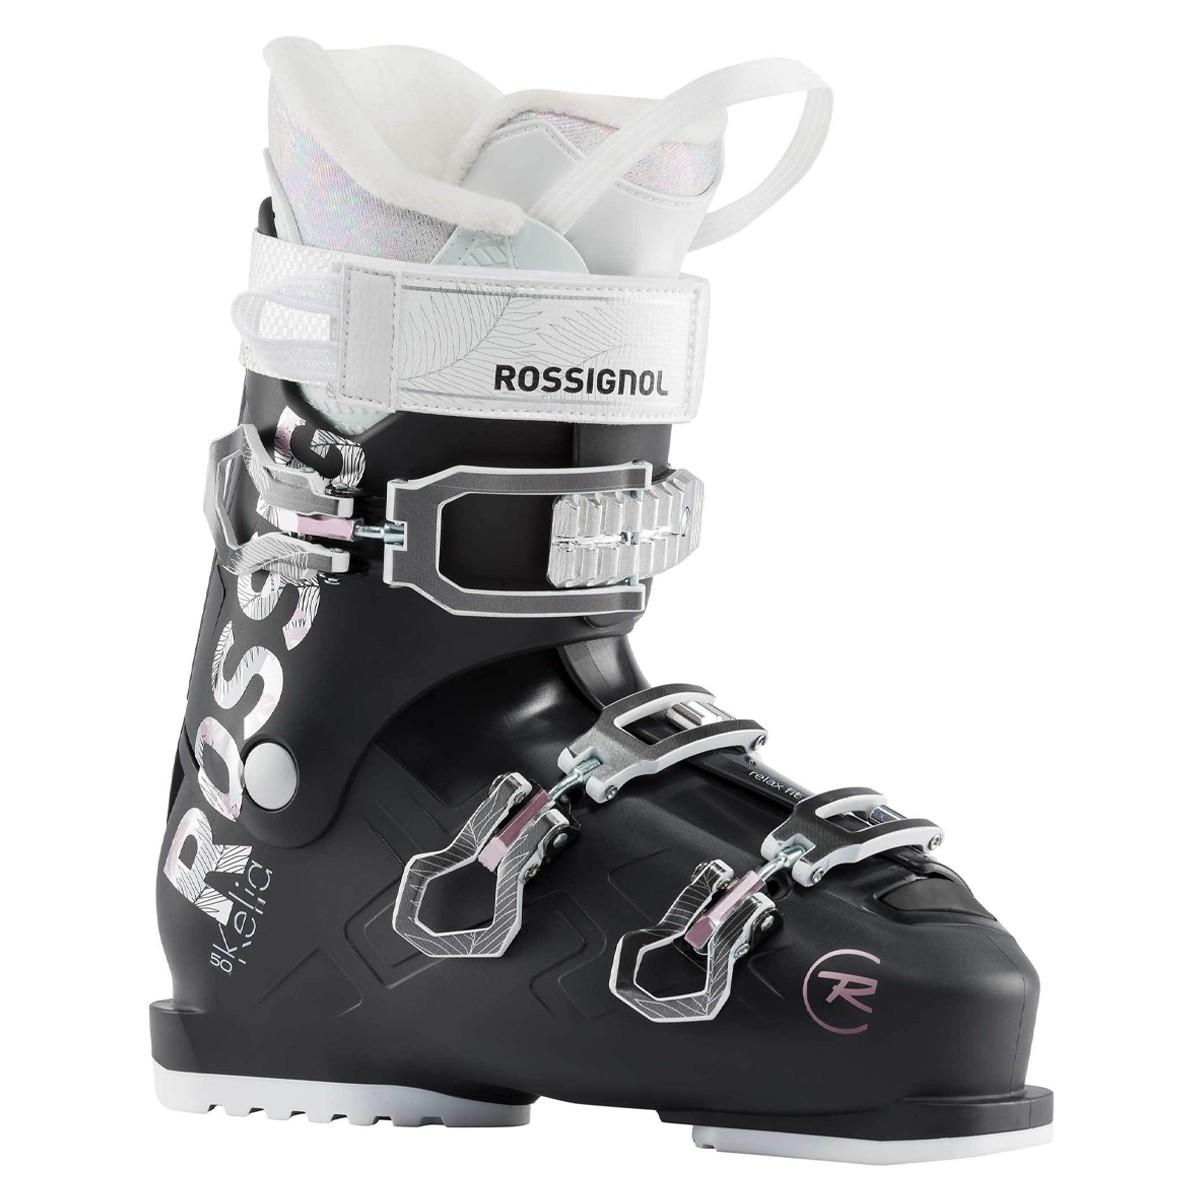 Scarpone Sci Rossignol Kelia50 (Colore: soft black, Taglia: 25)